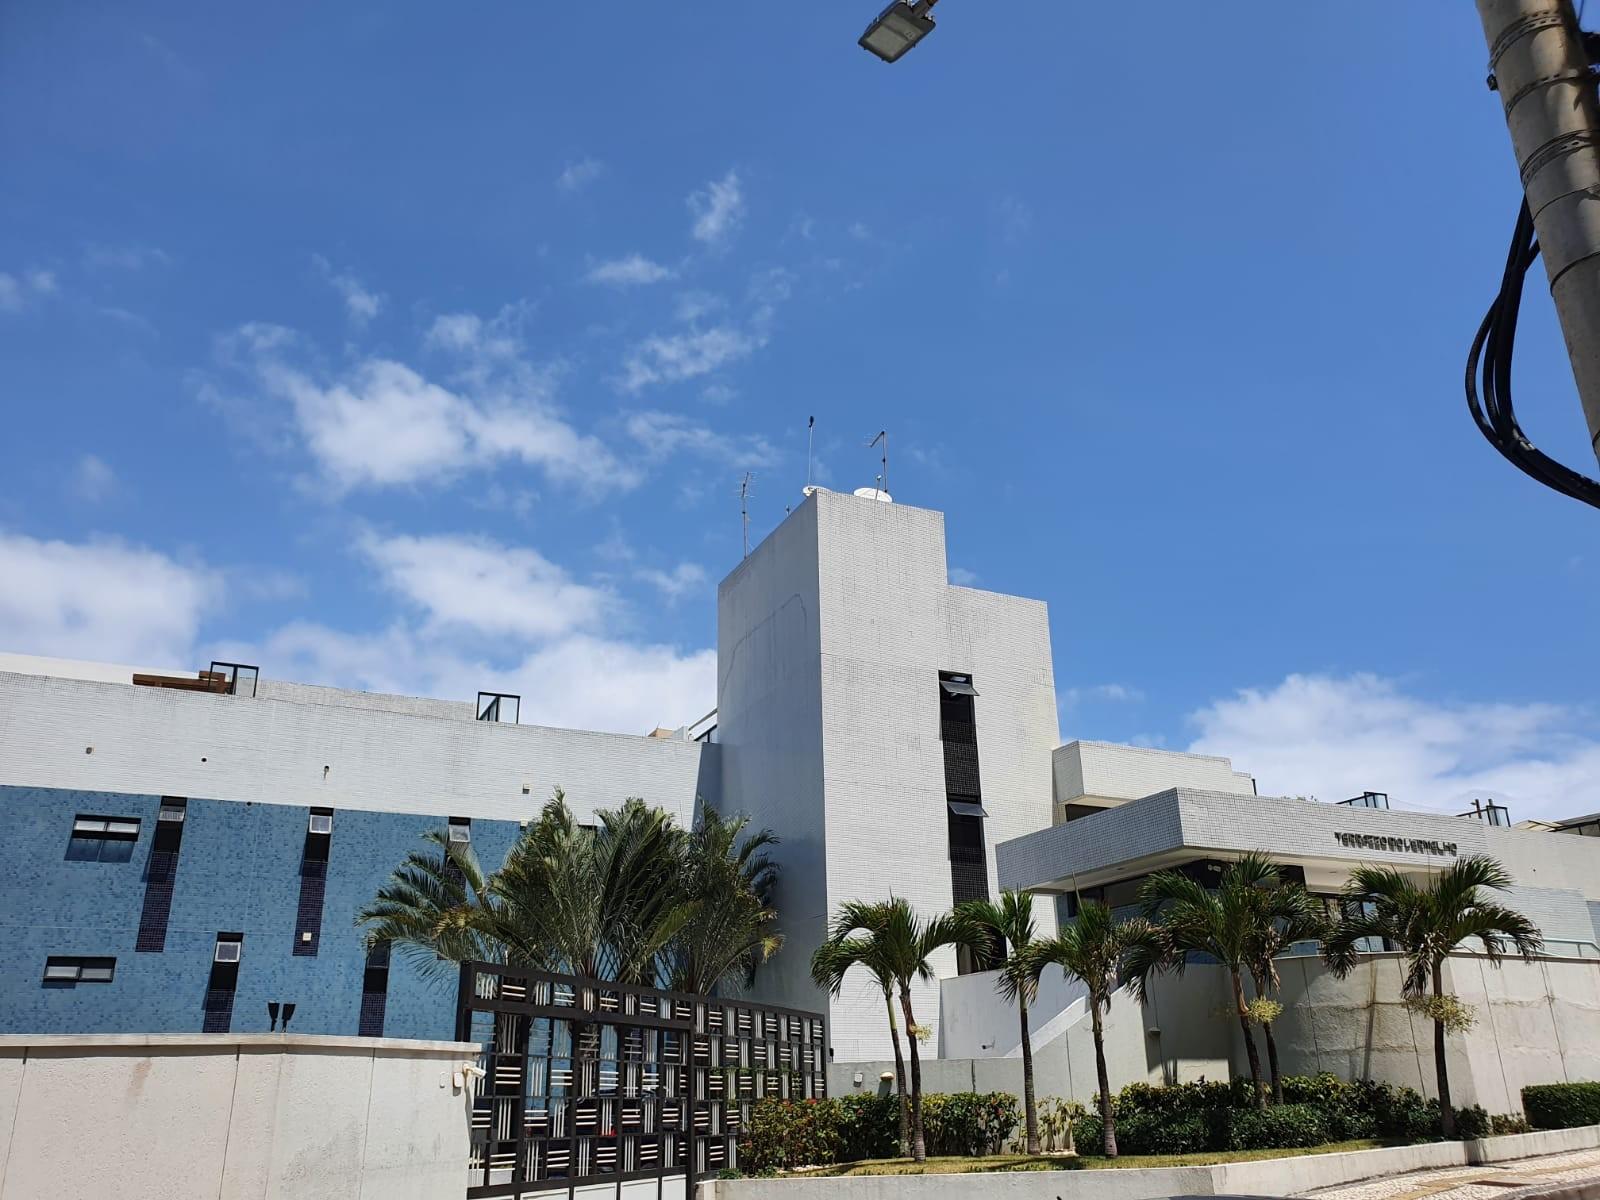 Advogado é suspeito de matar jovem dentro de apartamento em Salvador; homem alegou legítima defesa, diz conselheiro da OAB